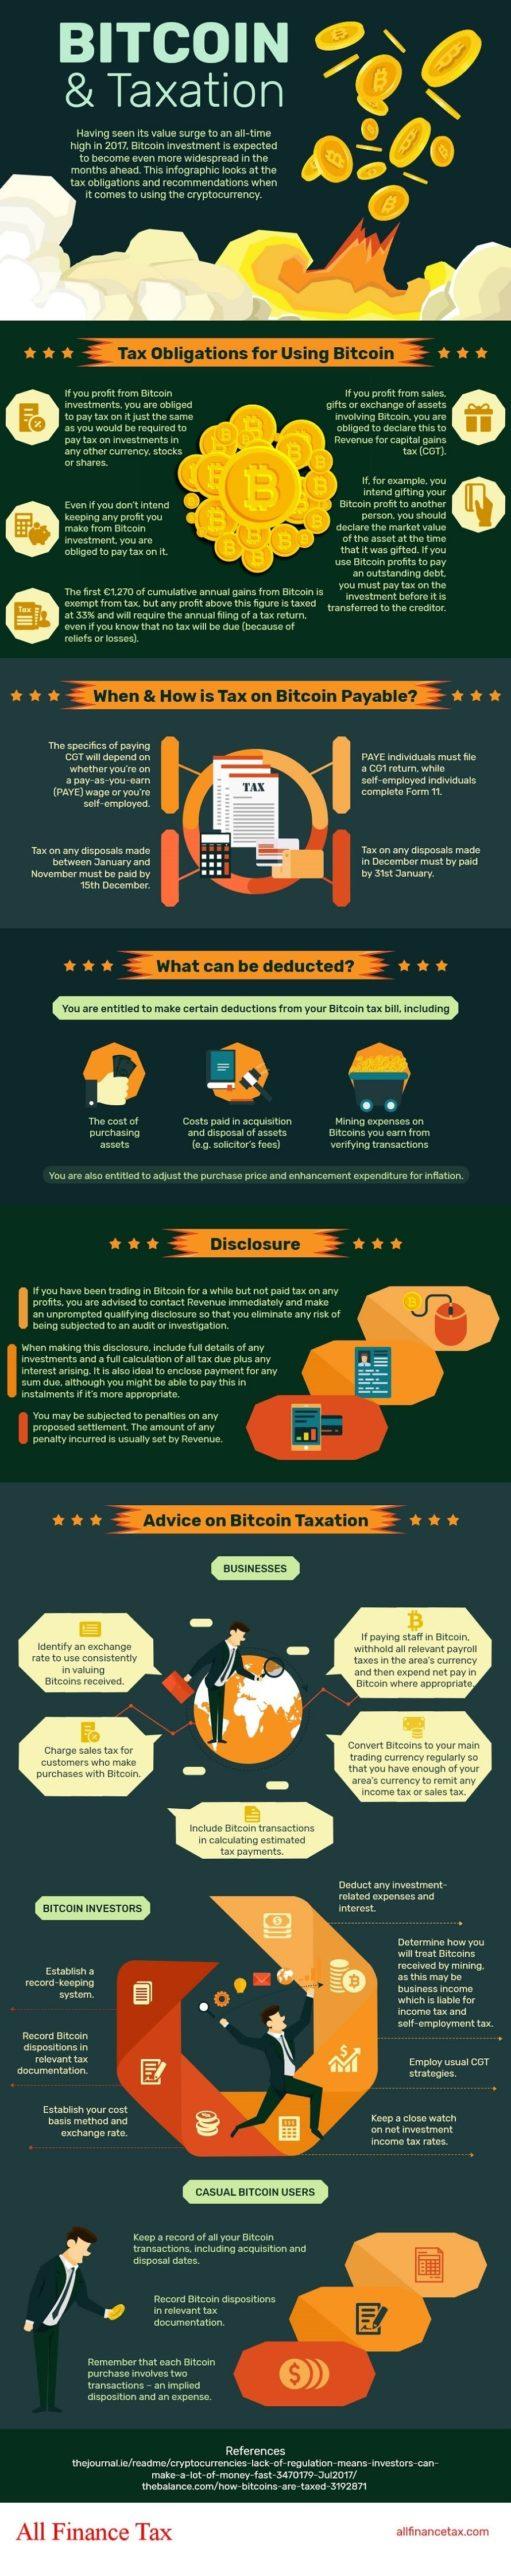 Bitcoin Taxation info